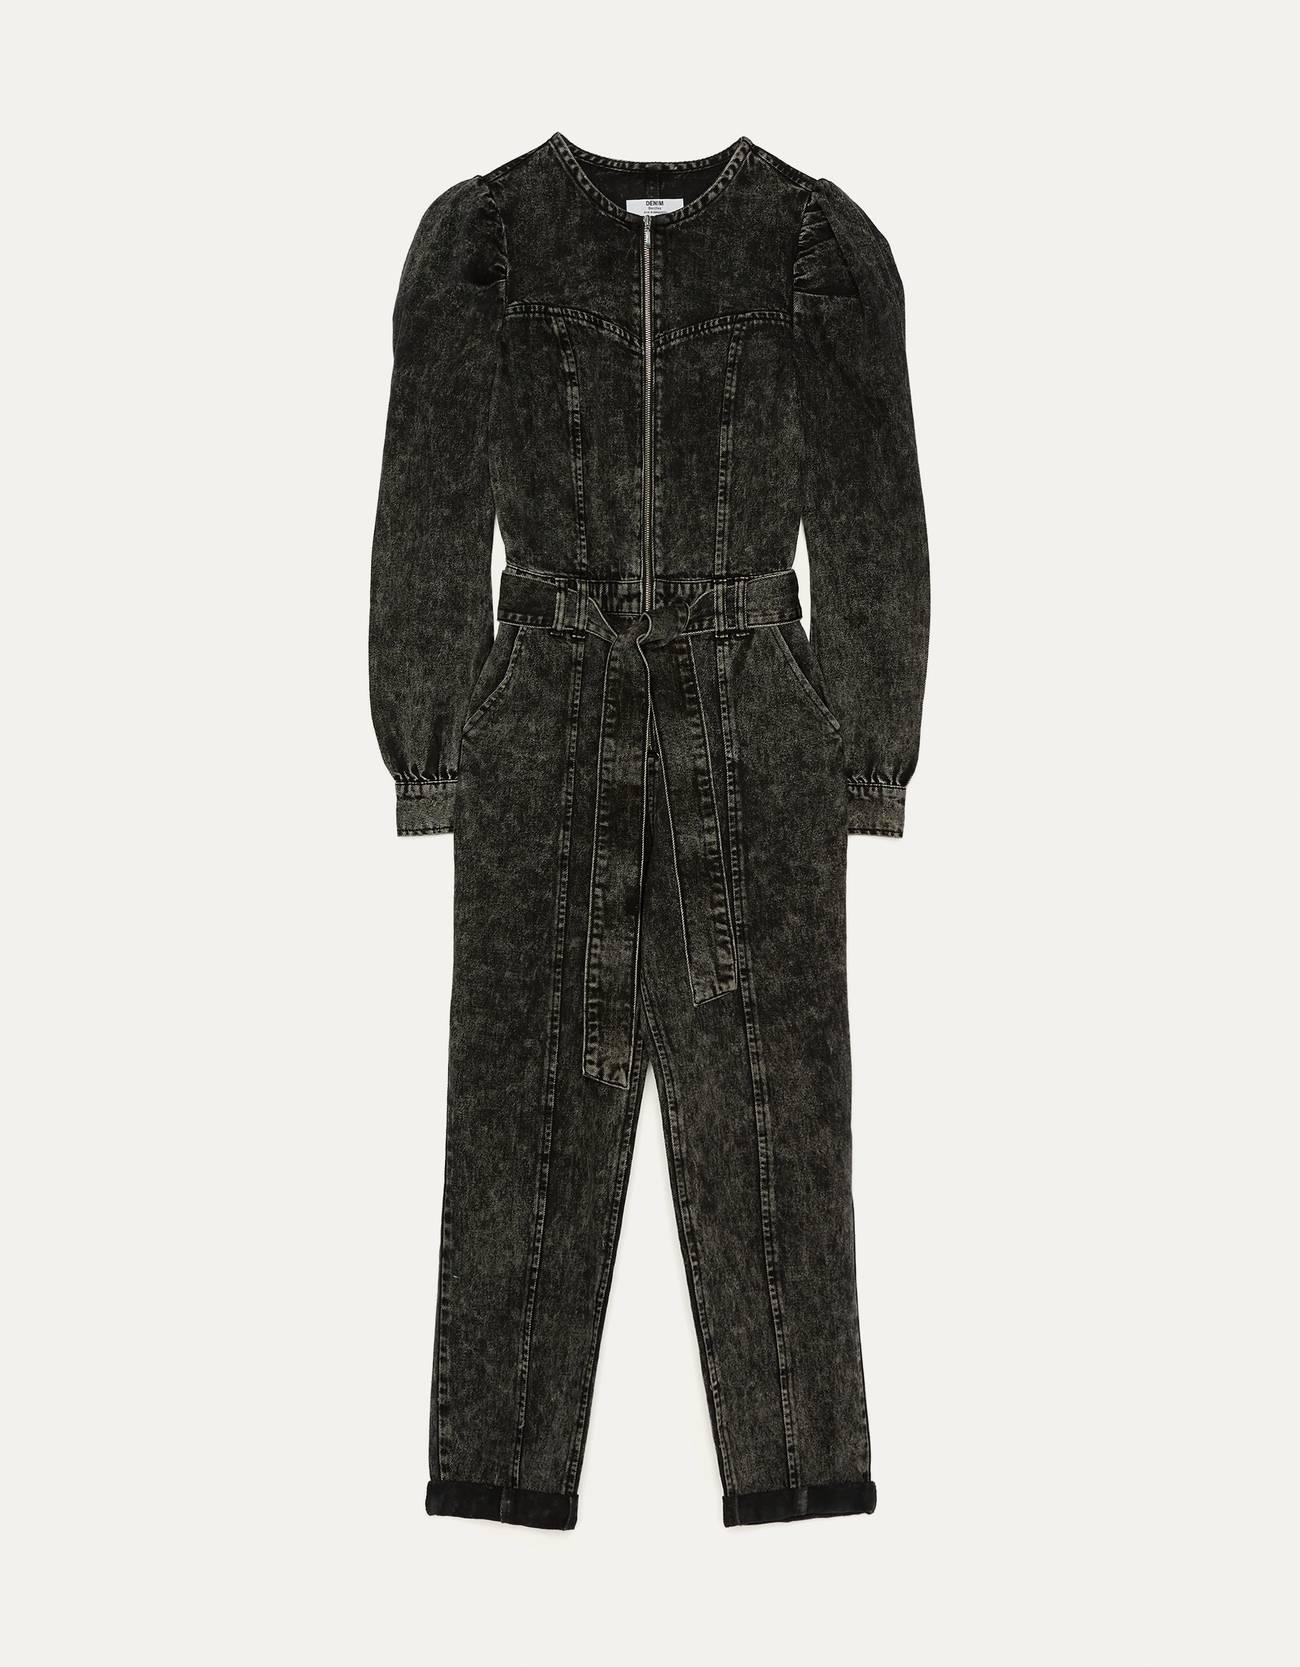 Длинный джинсовый комбинезон с объемными рукавами Серый Bershka